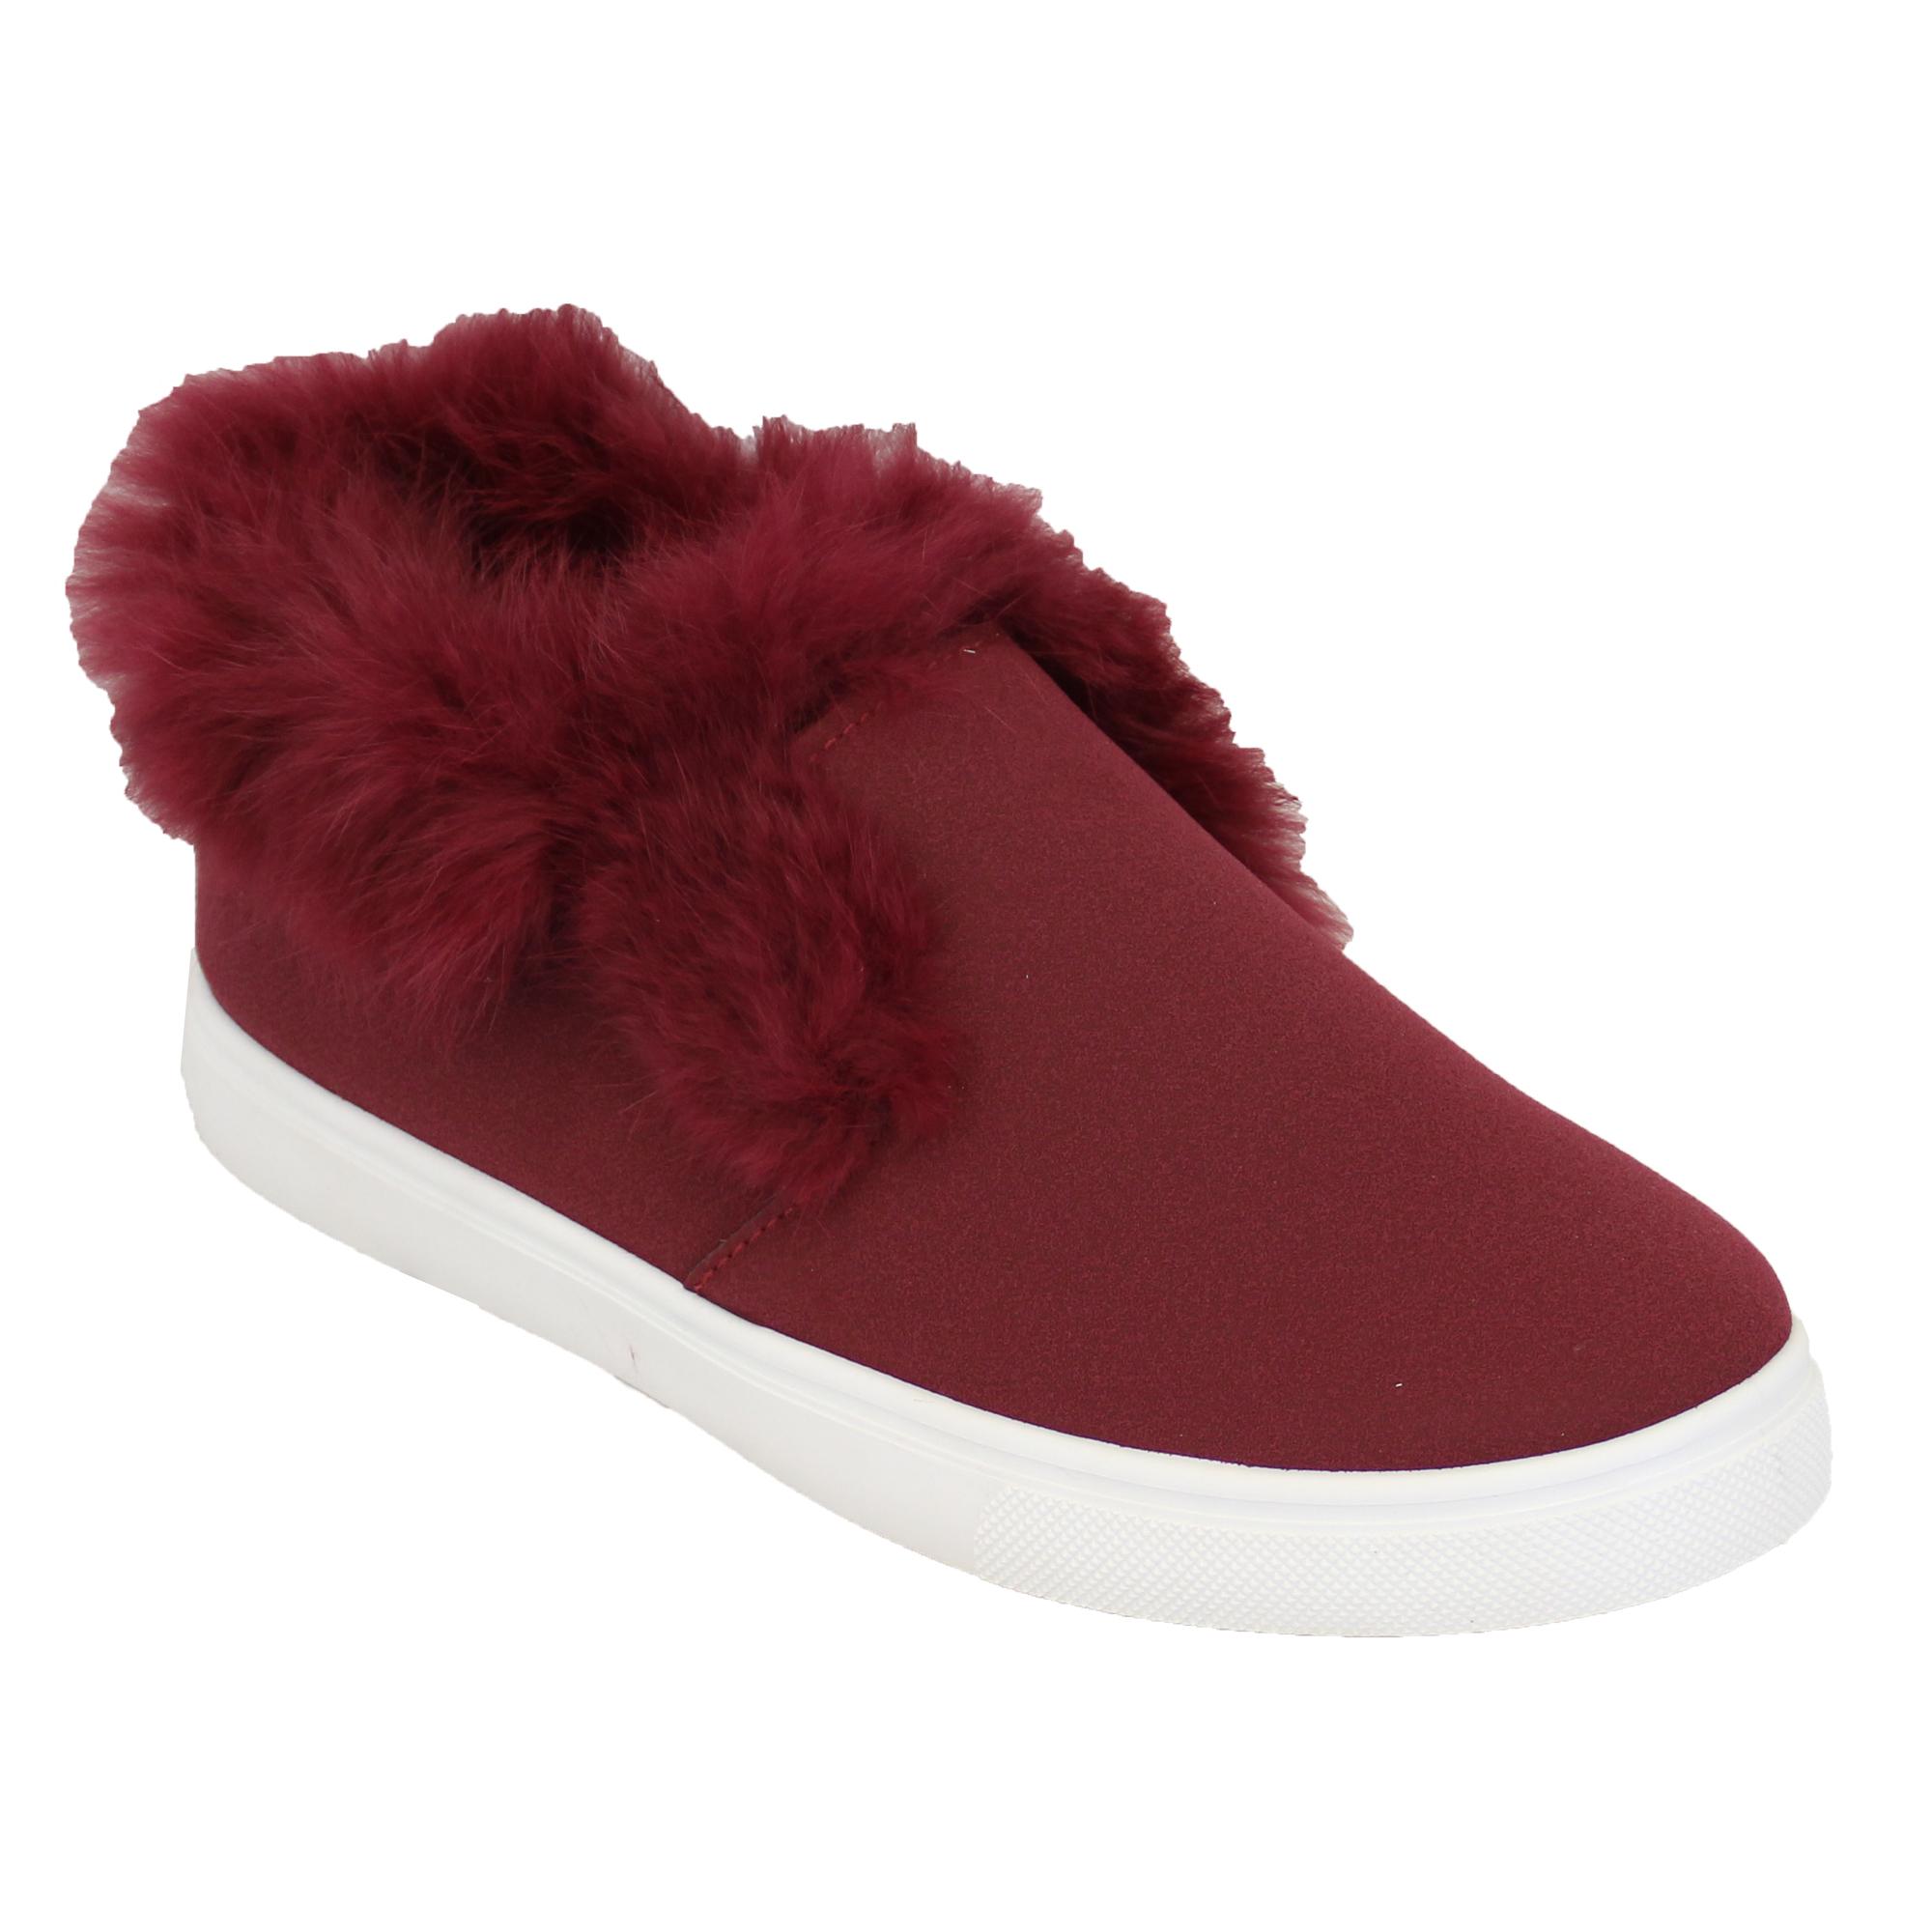 Ladies Flat Fur Pumps Womens Suede Look Trainers Hi Ankle ...